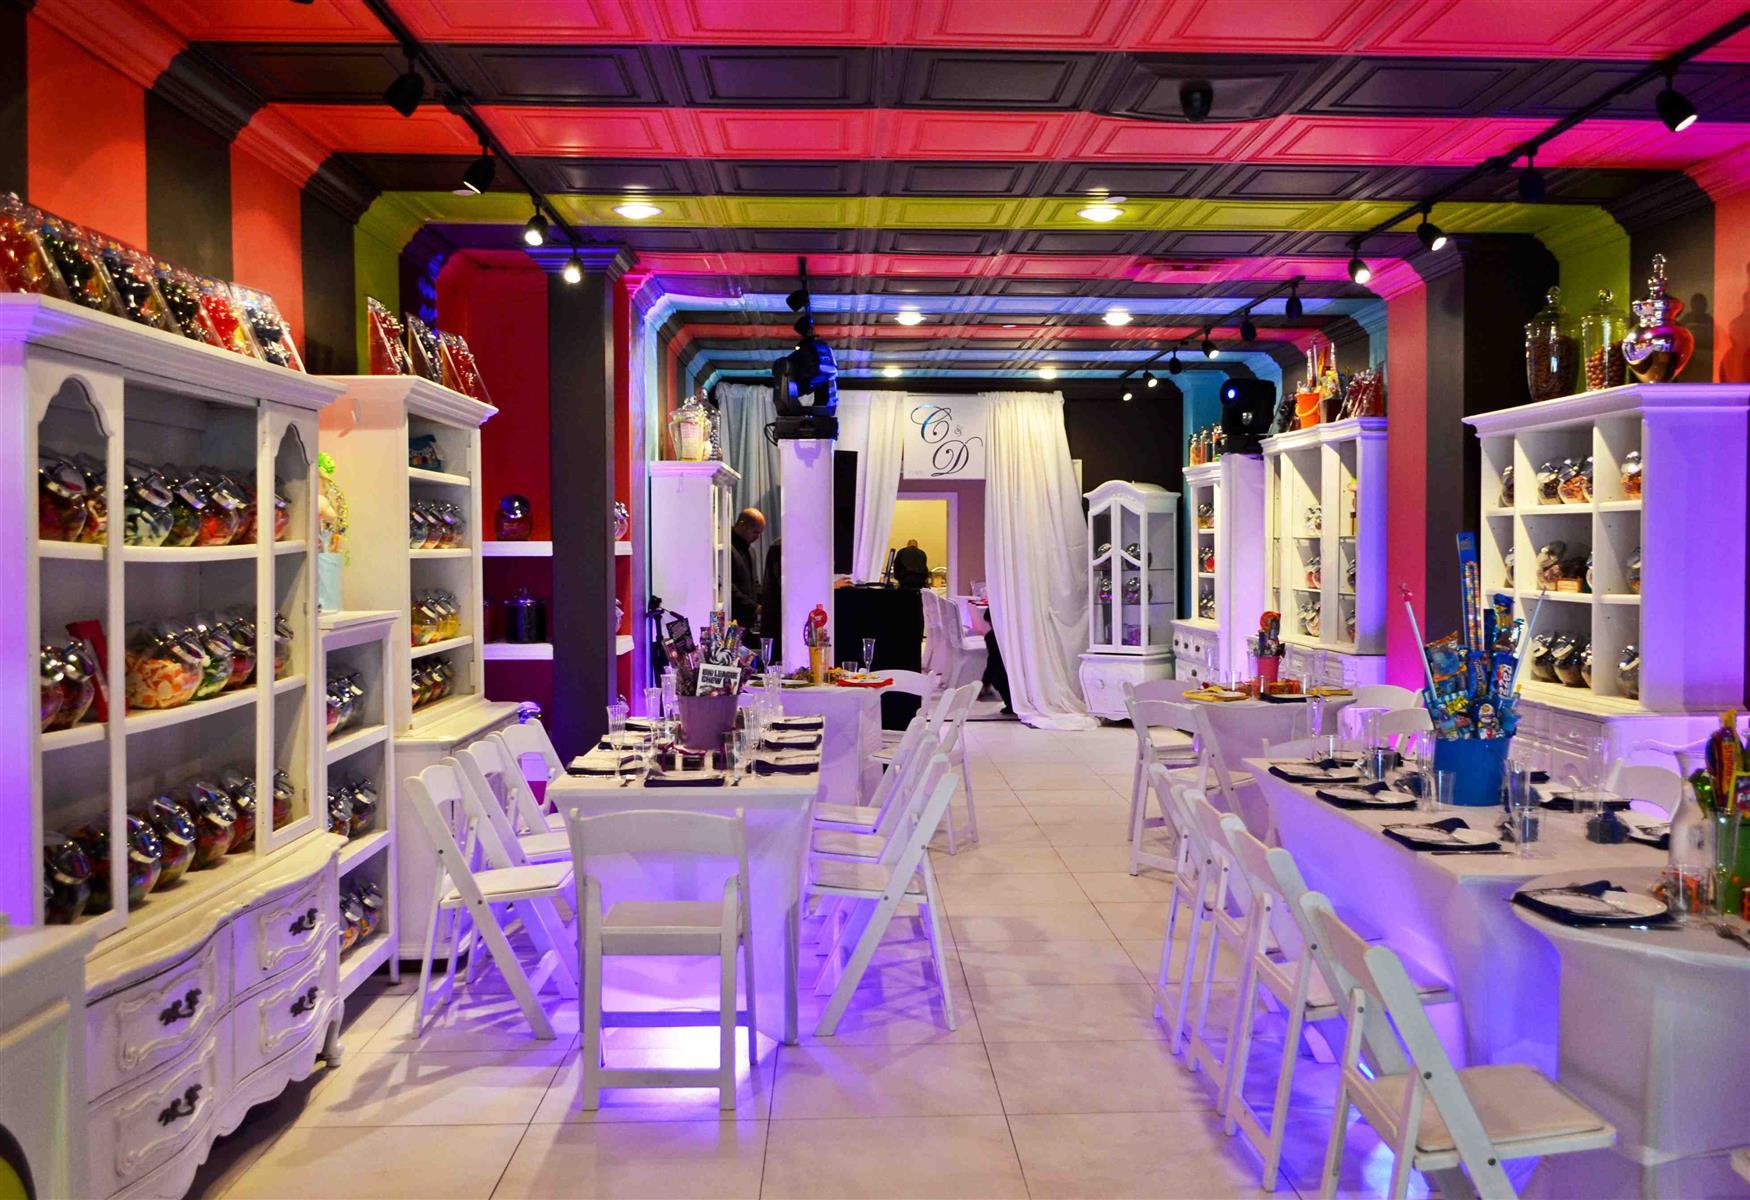 Coco Le Vu Candy Shop & Event Space - Candy Shop